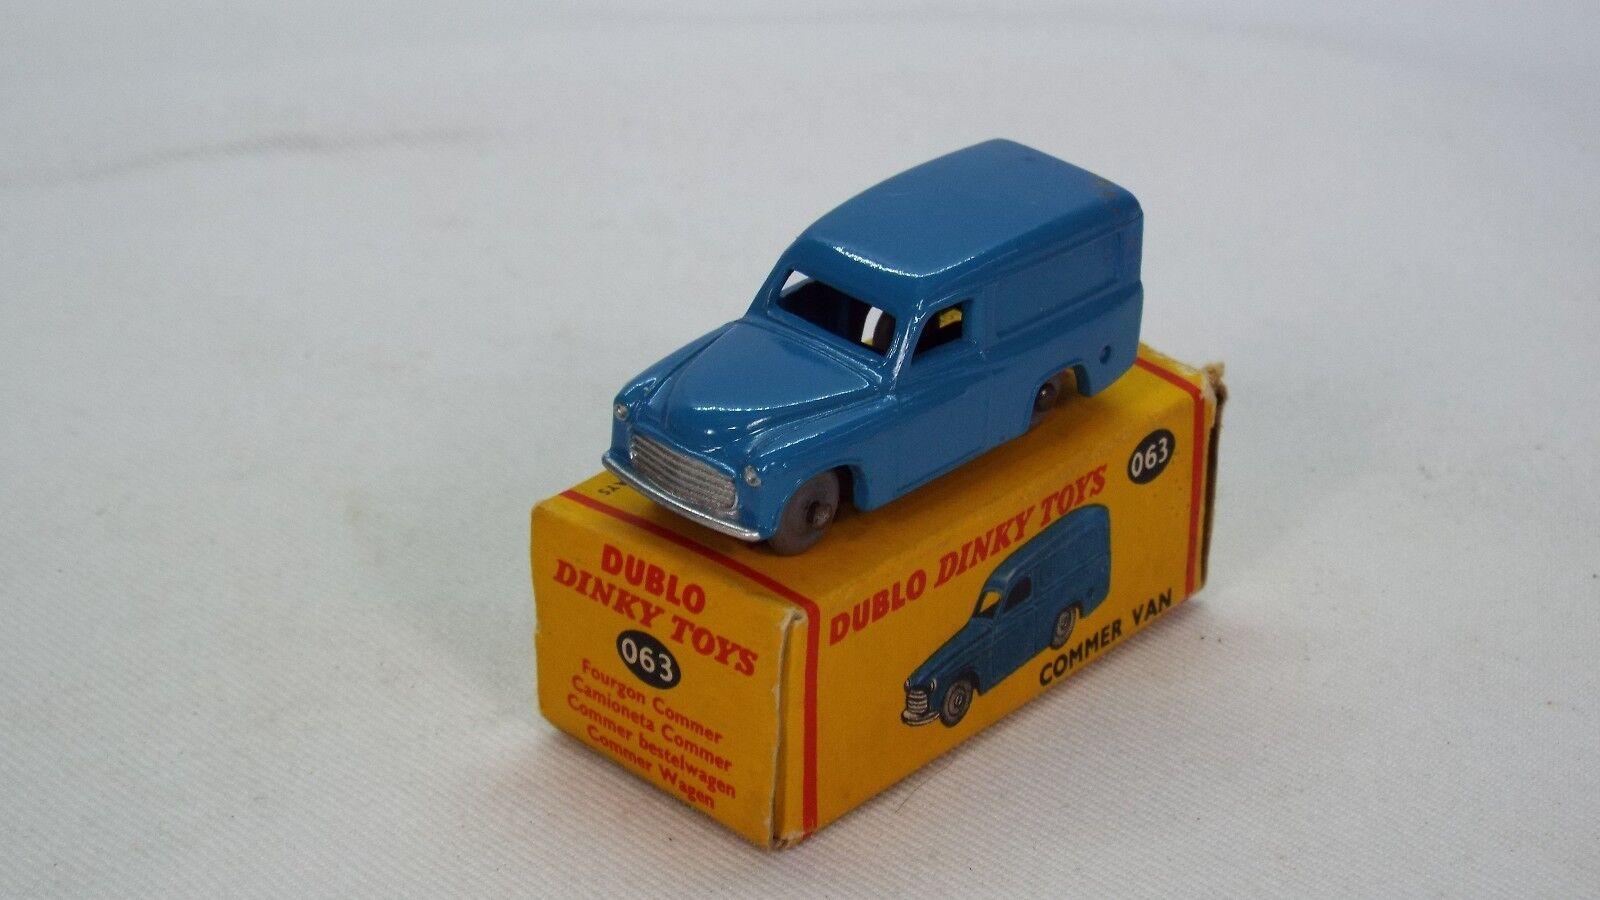 DINKY Dublo N. 063 è il modello del COMMER Van eccellente e inscatolato